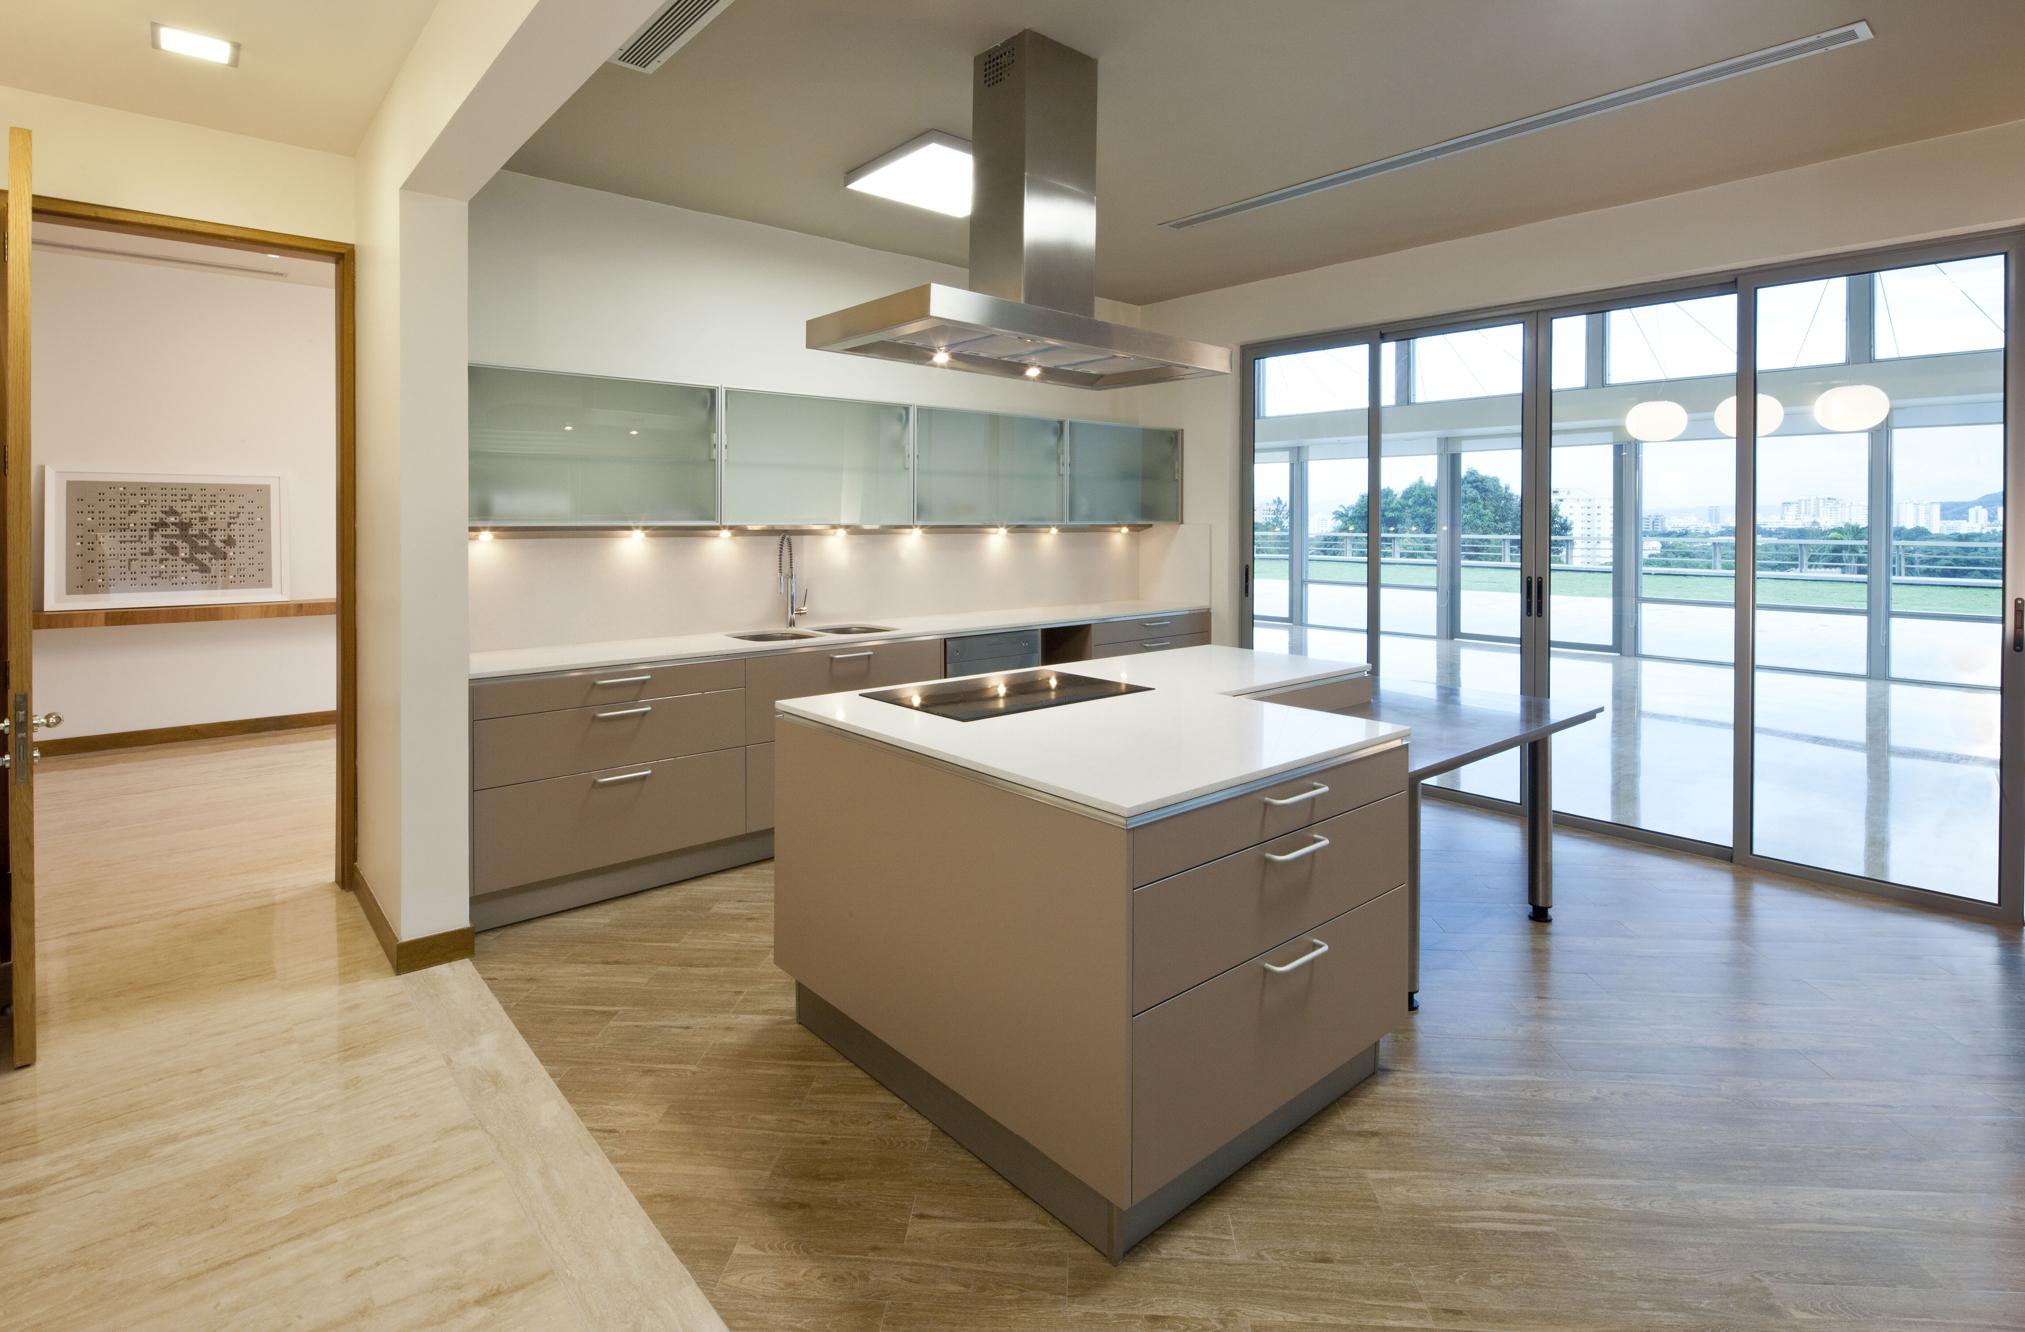 Cocina lpg propuestas in consultas for Tipos de cocina arquitectura